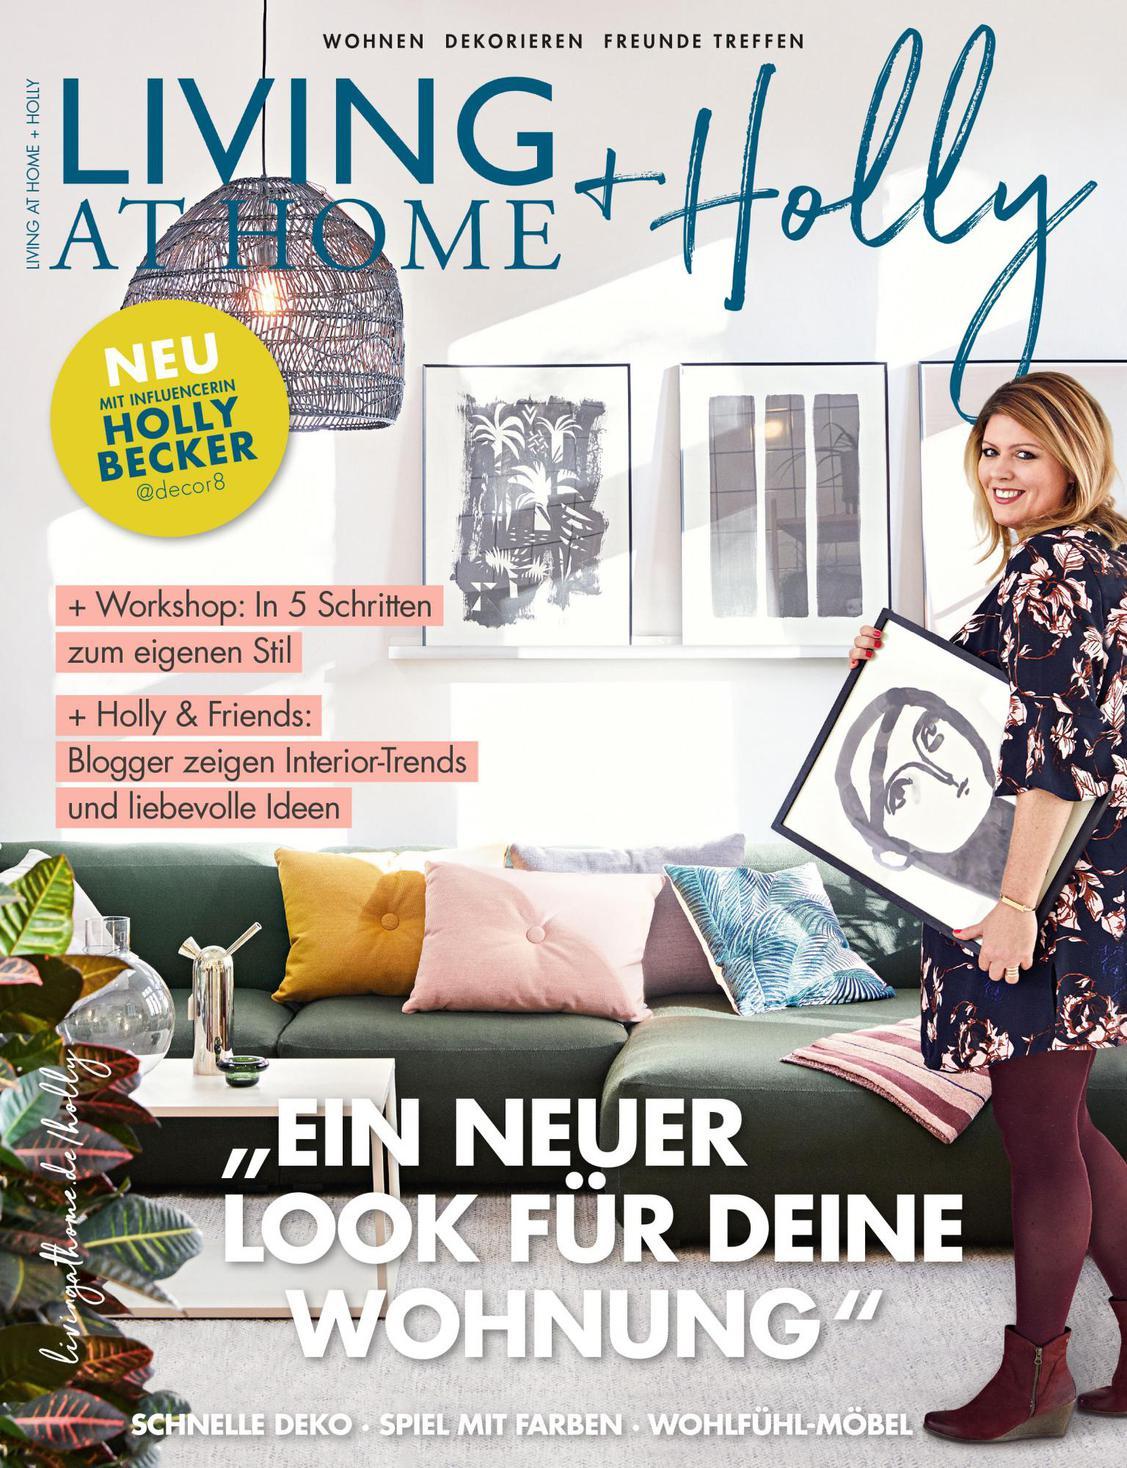 Erstes Influencer Magazin Für Den Wohnbereich Startet